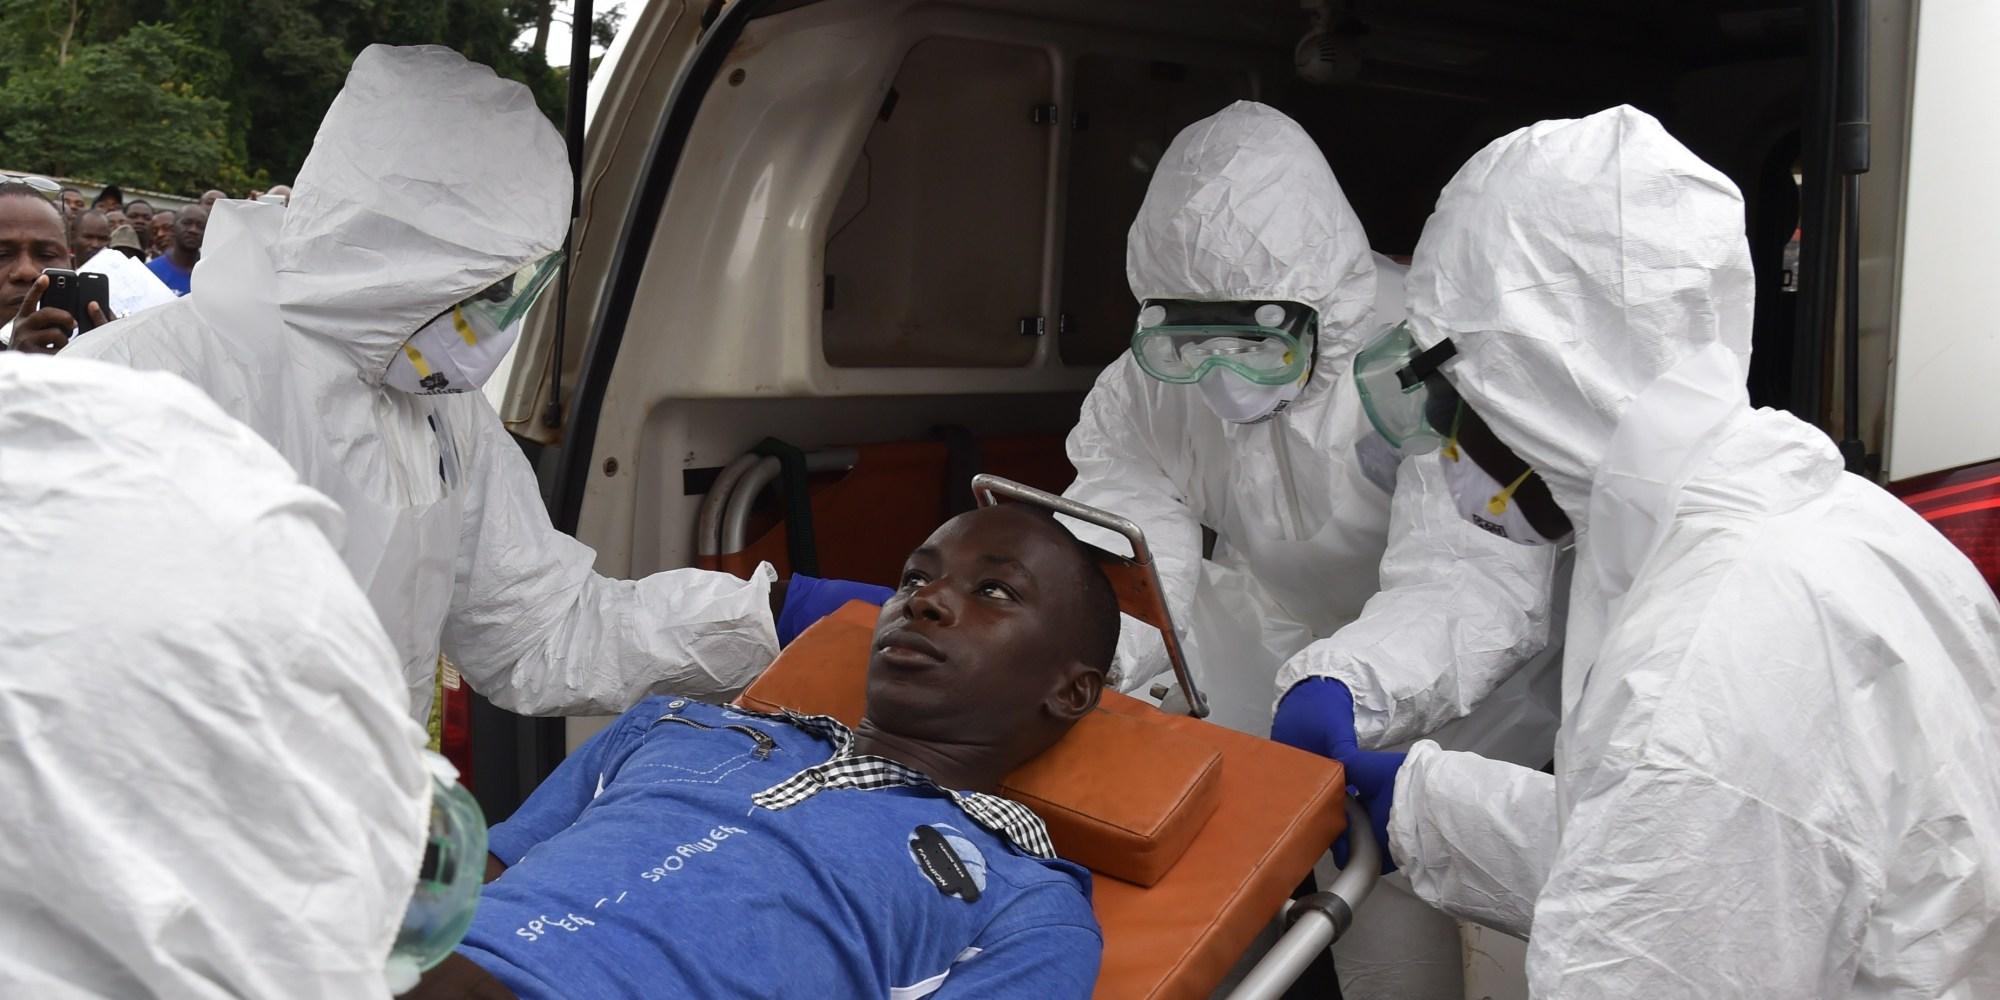 Геморрагическая лихорадка эбола — википедия. что такое геморрагическая лихорадка эбола